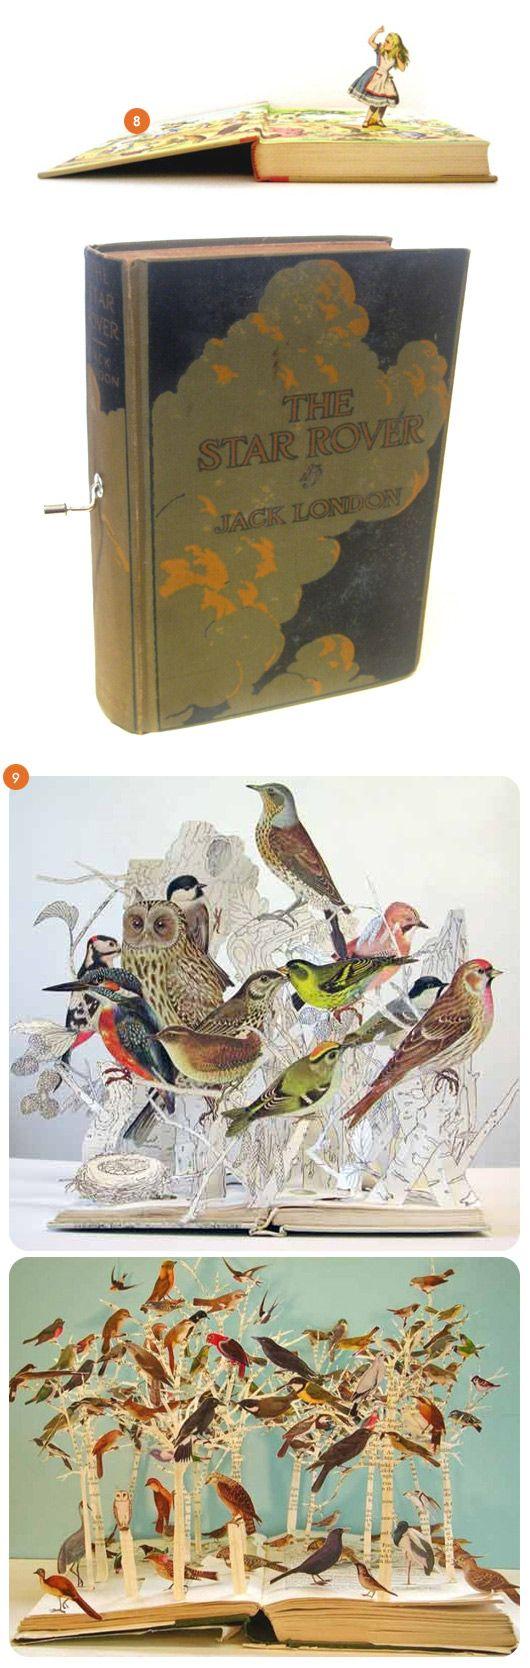 book art-wow!Pop Up Book, Book Art, Book Sculpture, Bookart, 3D Book, Book 3D, Paper Art, Altered Book, Upcycling Book